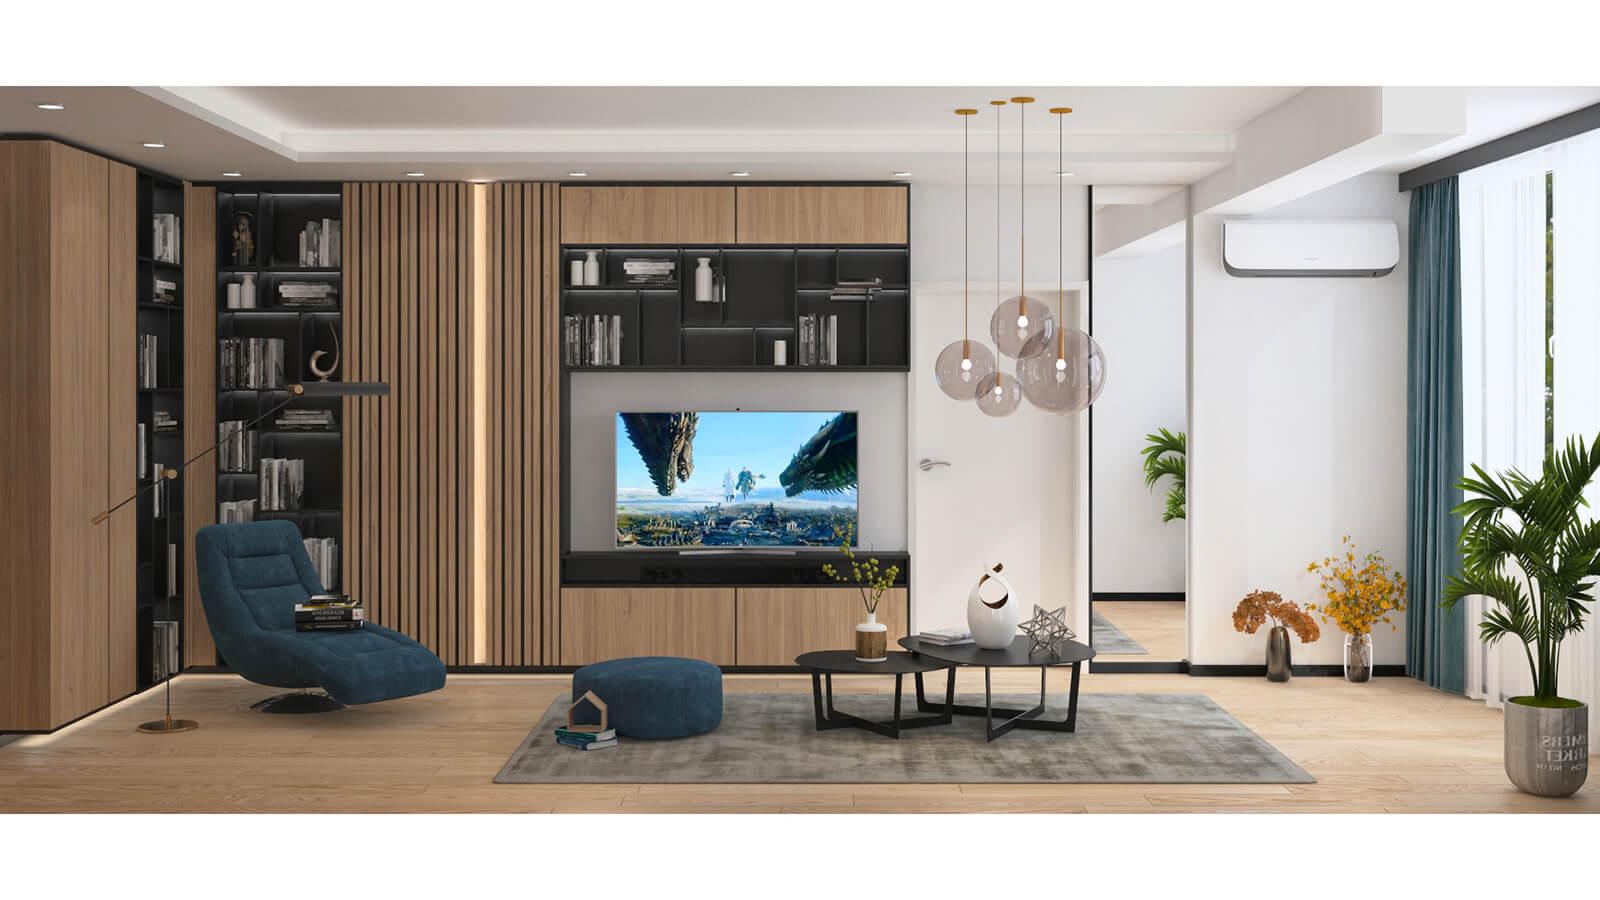 dizain-interioren-proekt-vsekidnevna-esteta-design (2)